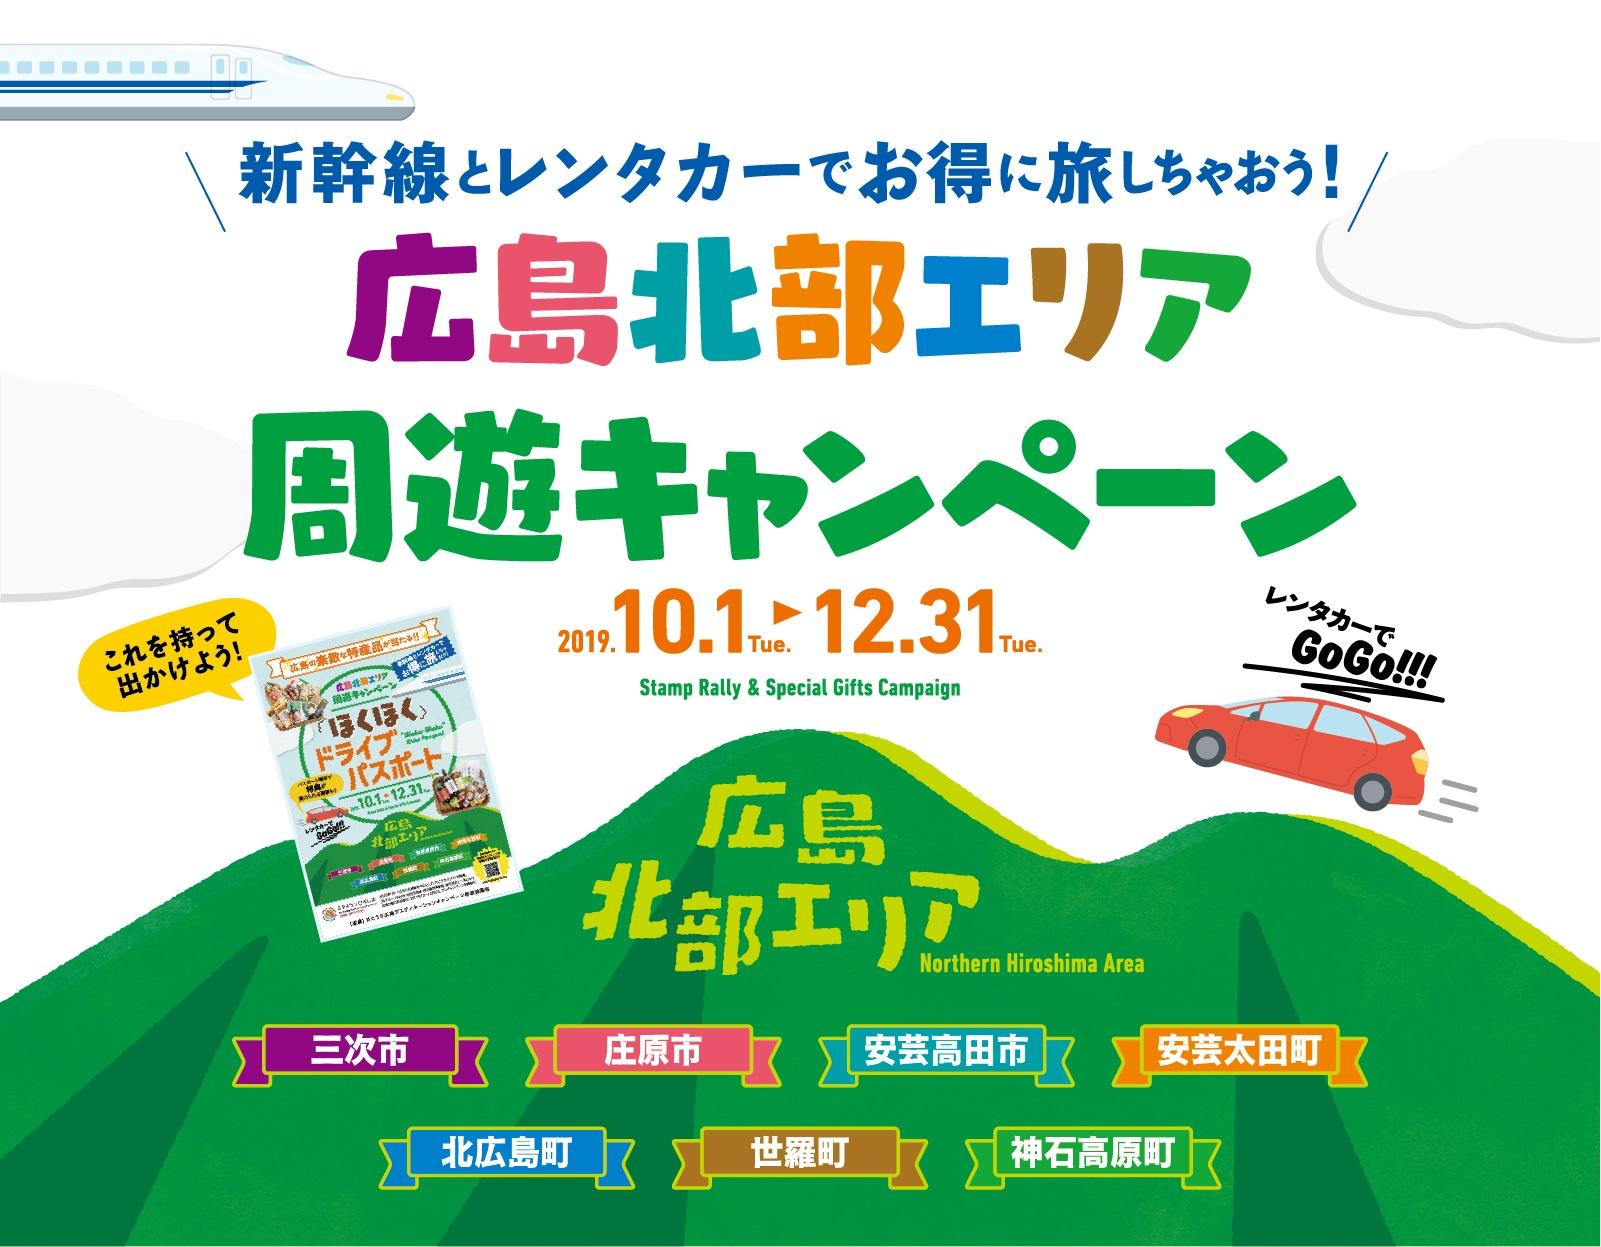 【広島県からのお知らせ】広島北部エリア周遊キャンペーンを実施中!